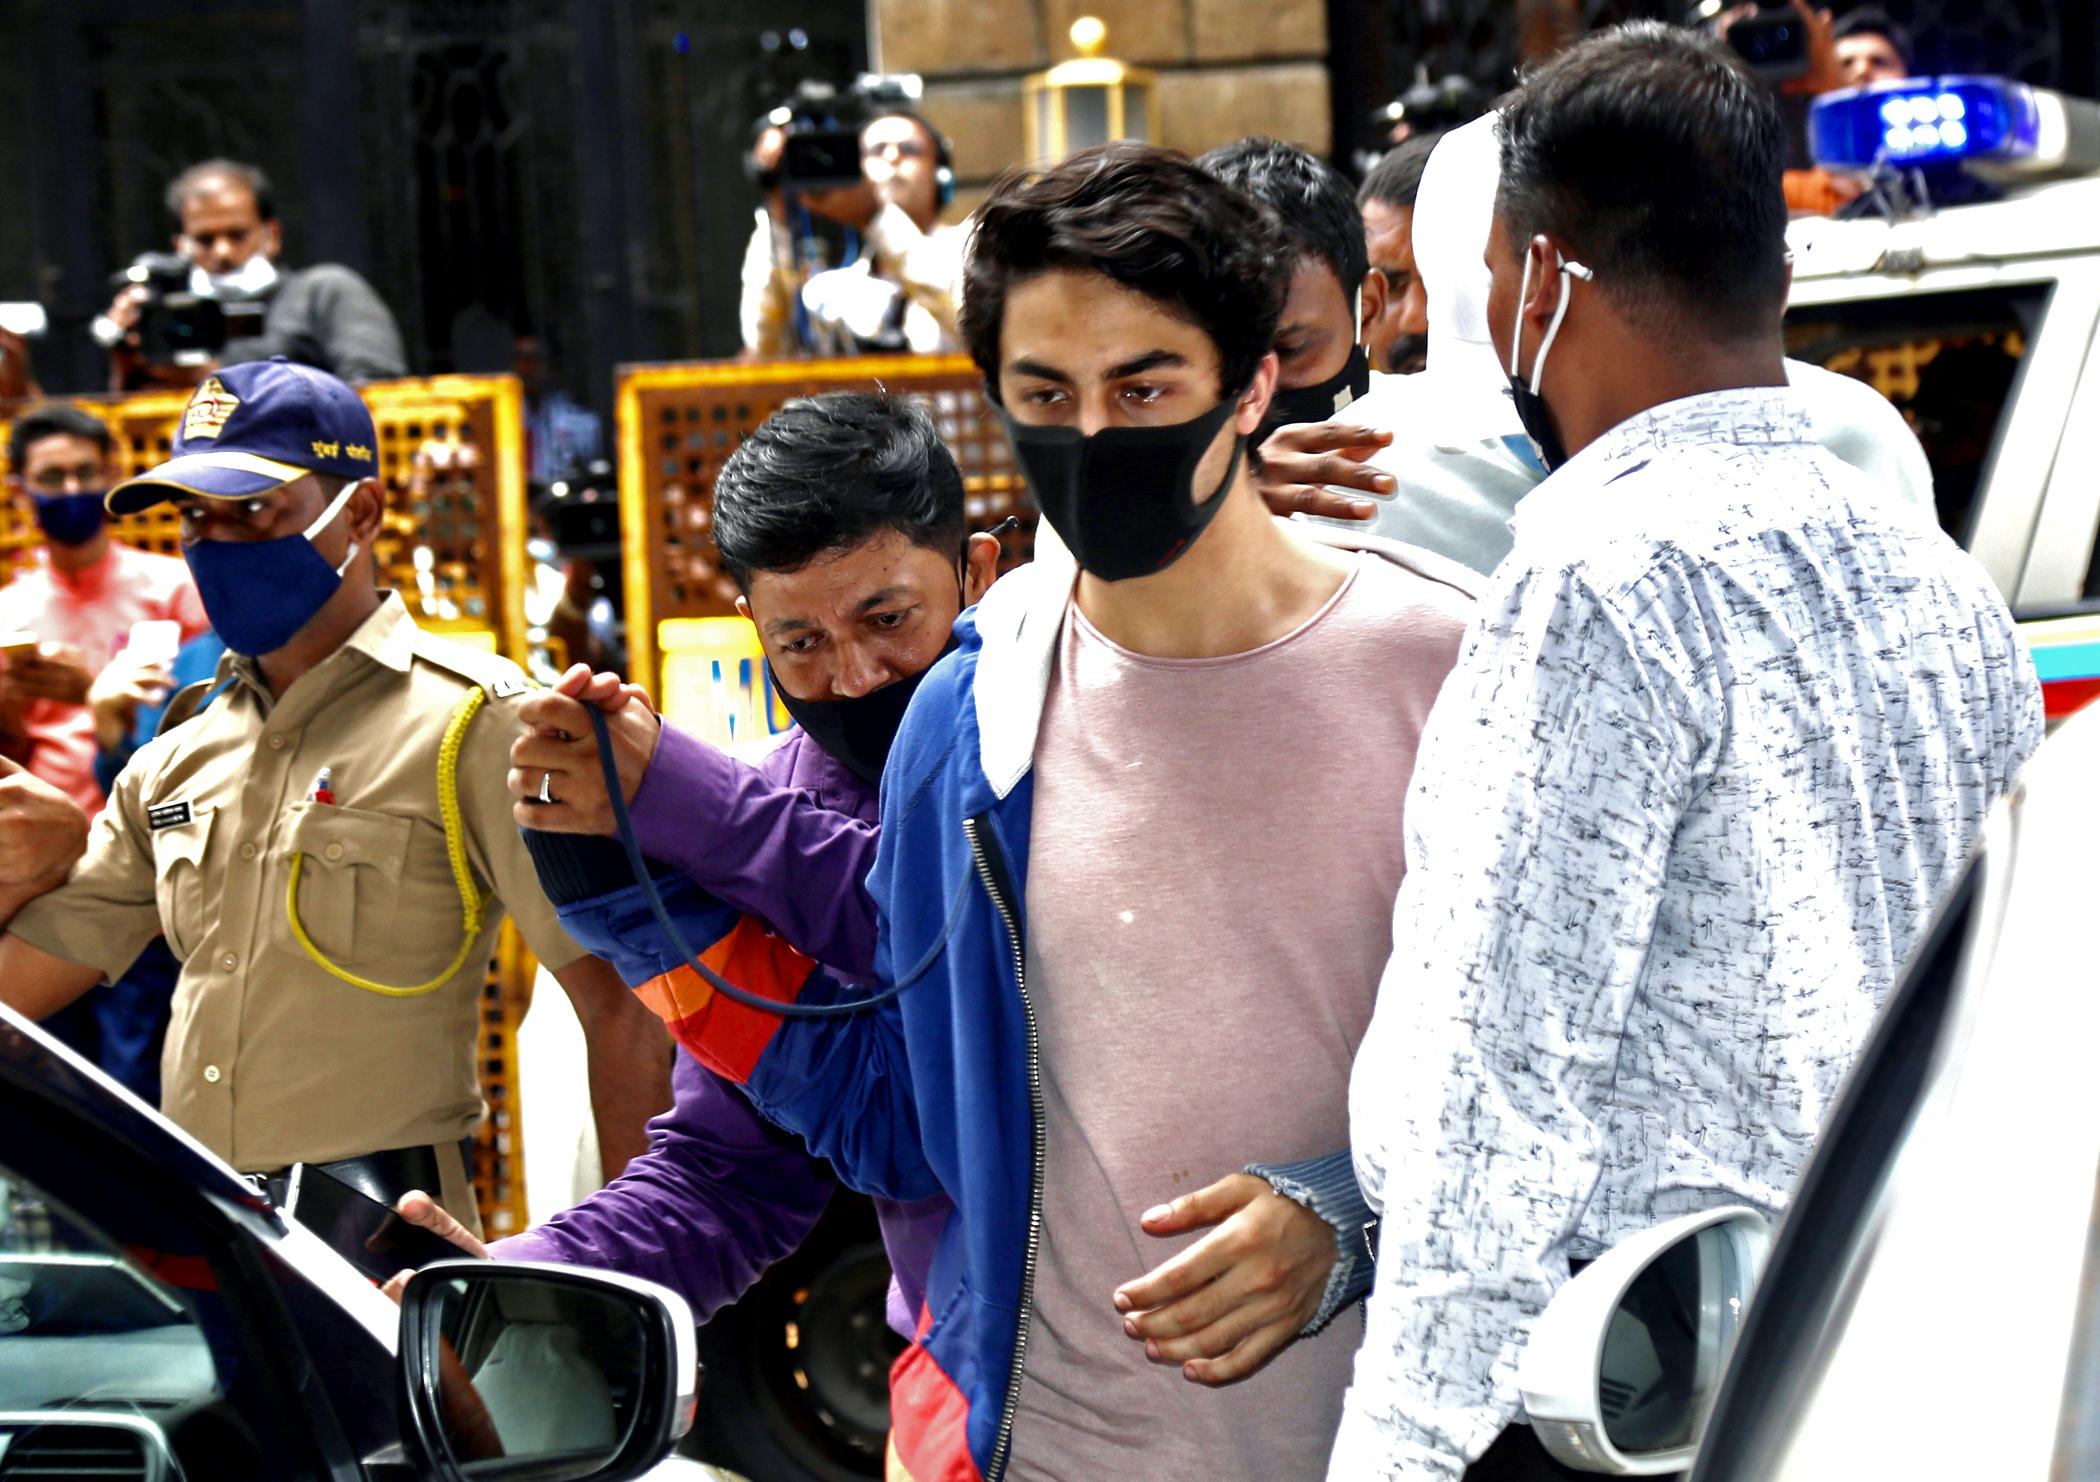 आर्यन को हर दिन मेडिकल के लिए मुंबई के जेजे हॉस्पिटल ले जाया जाता था।